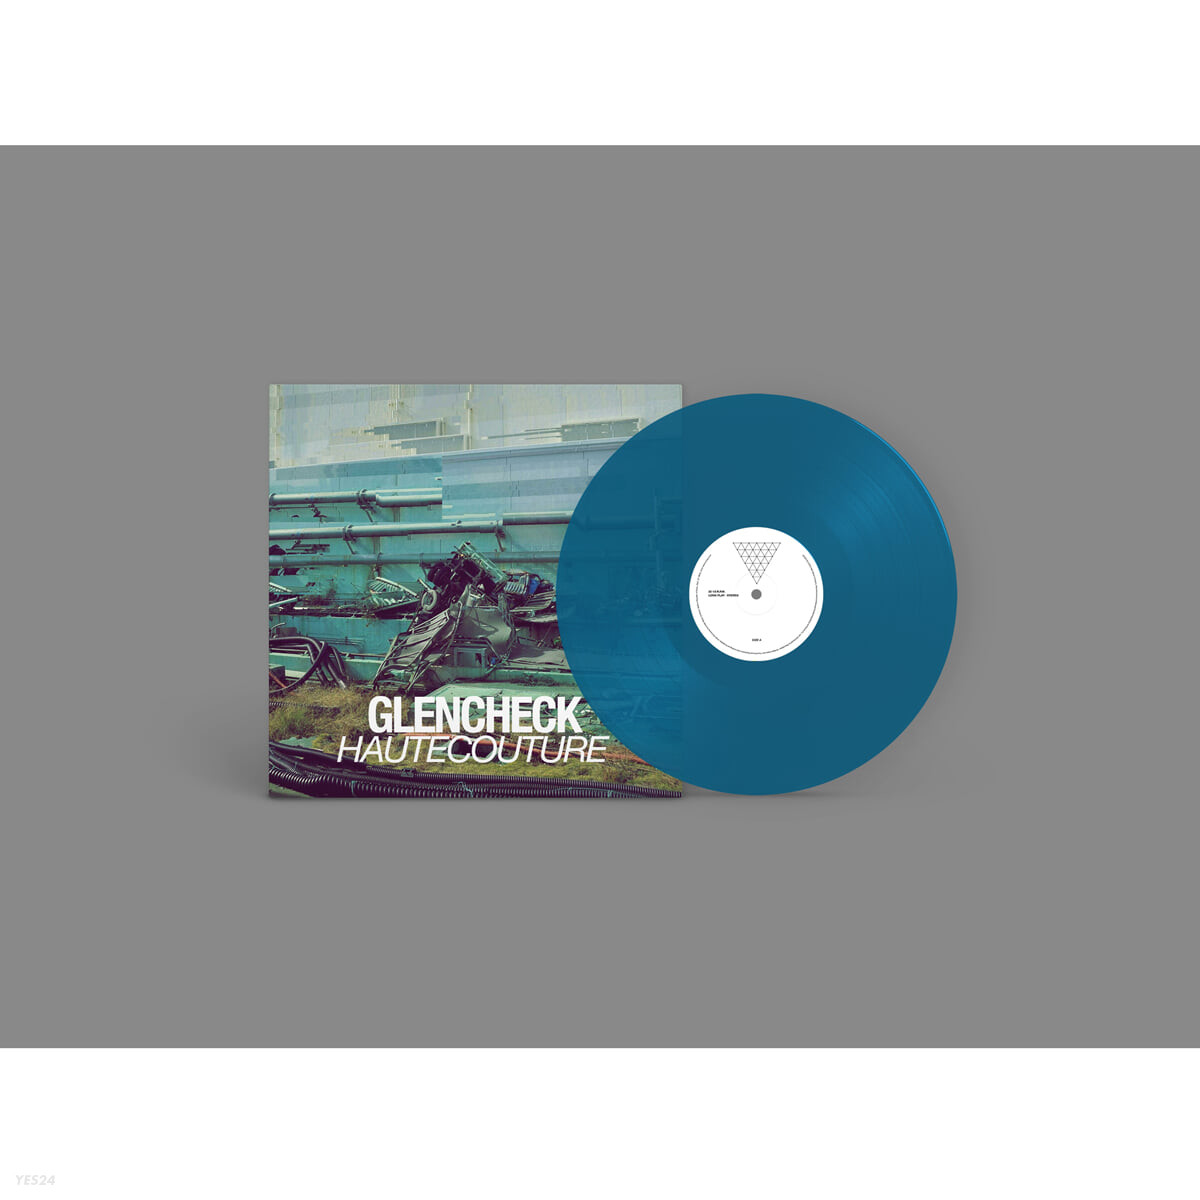 글렌체크 (Glen Check) - 1집 Haute Couture [투명 블루 컬러 LP]